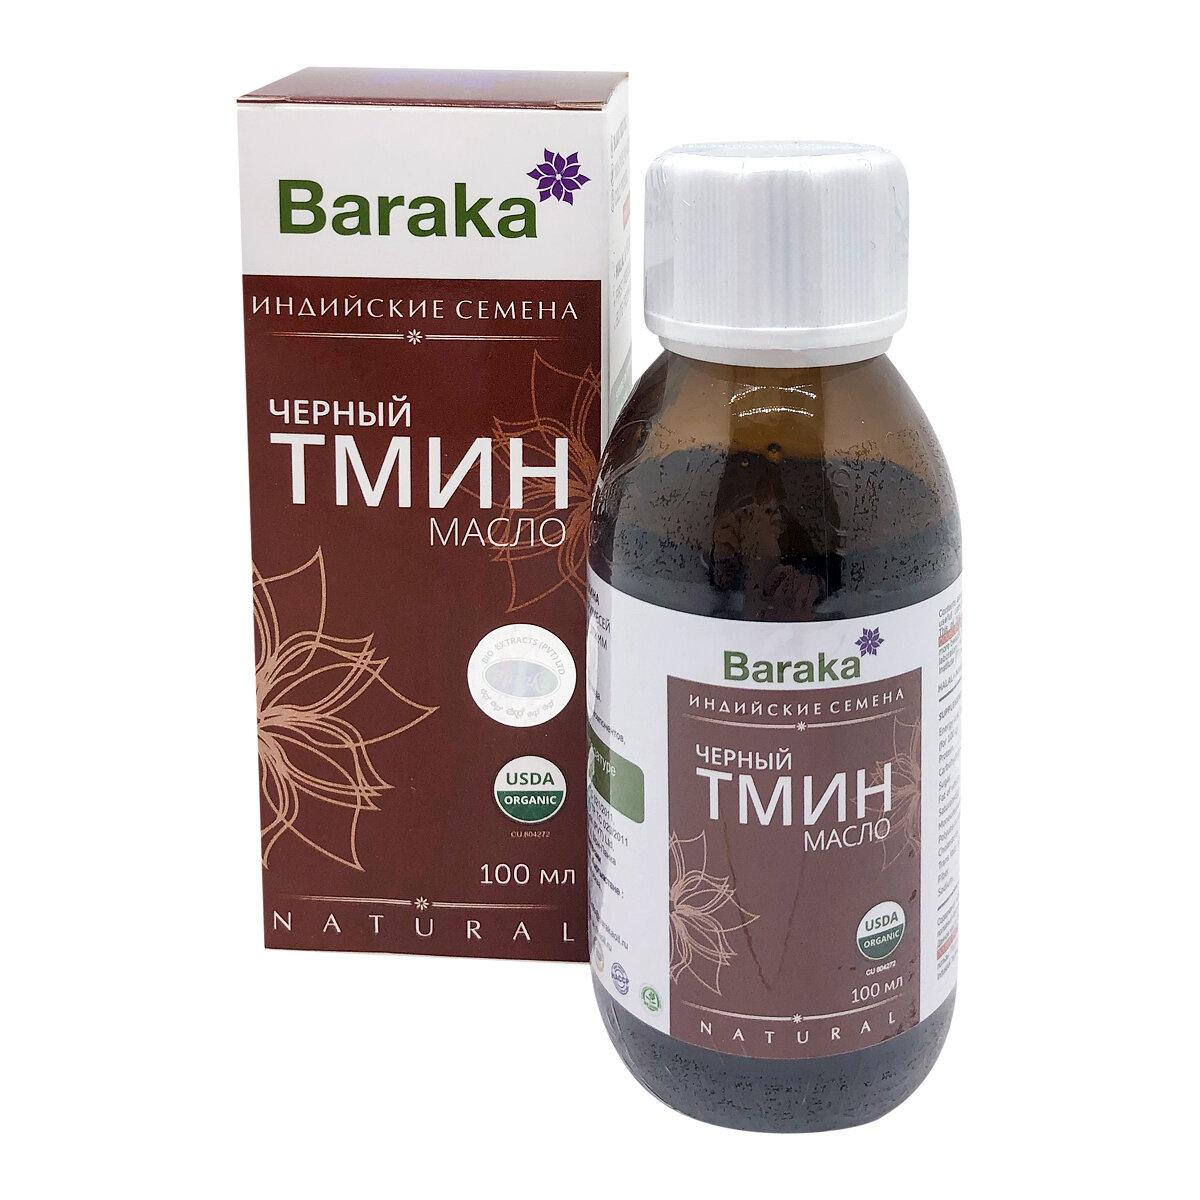 Mасло черного тмина (индийские семена) Baraka 100мл